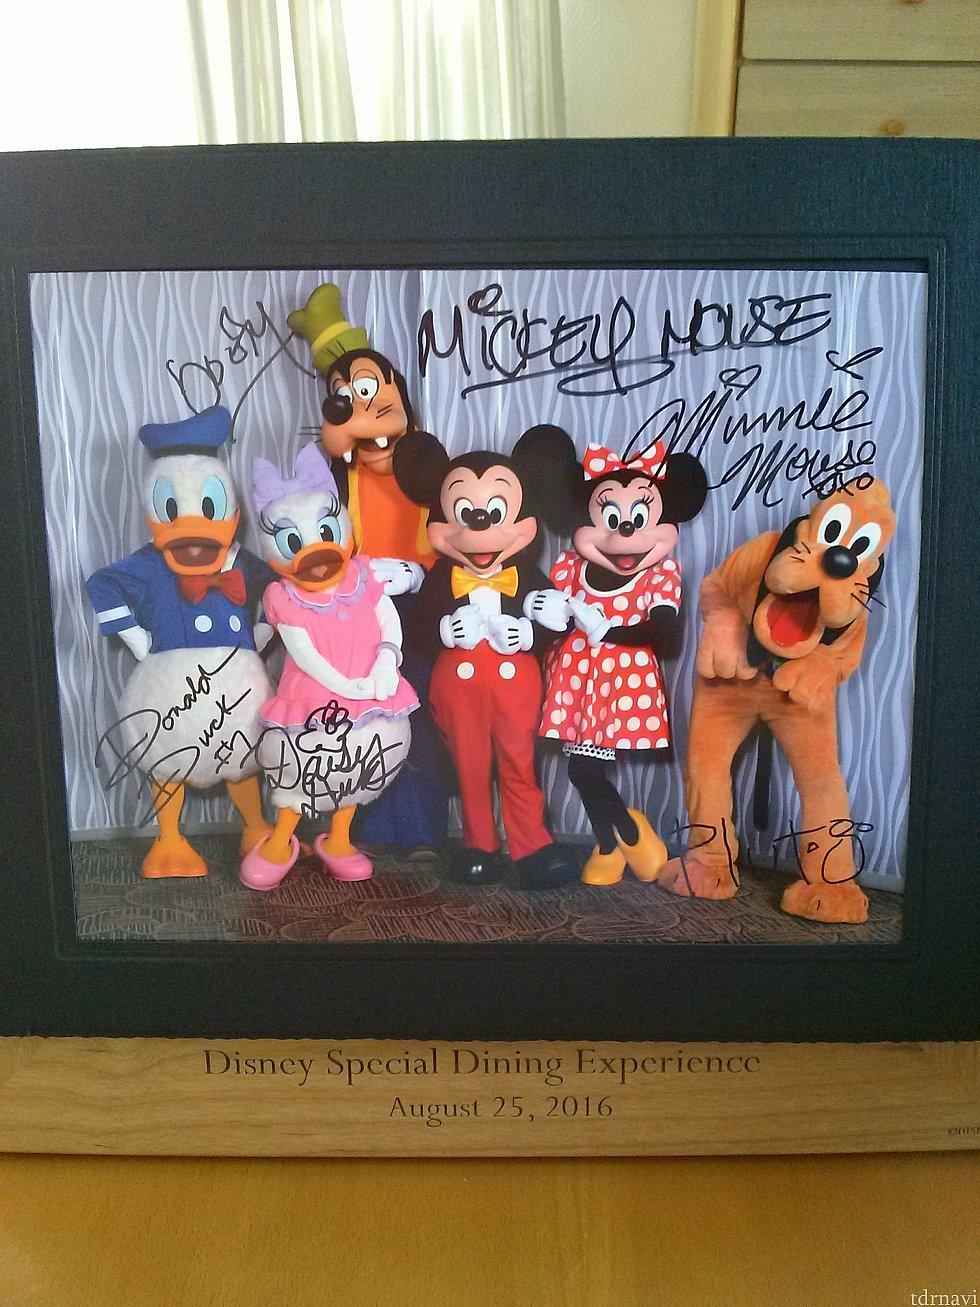 こちらもお土産の台紙付き写真。後日、パークをはしごしてサインを書いてもらいました。